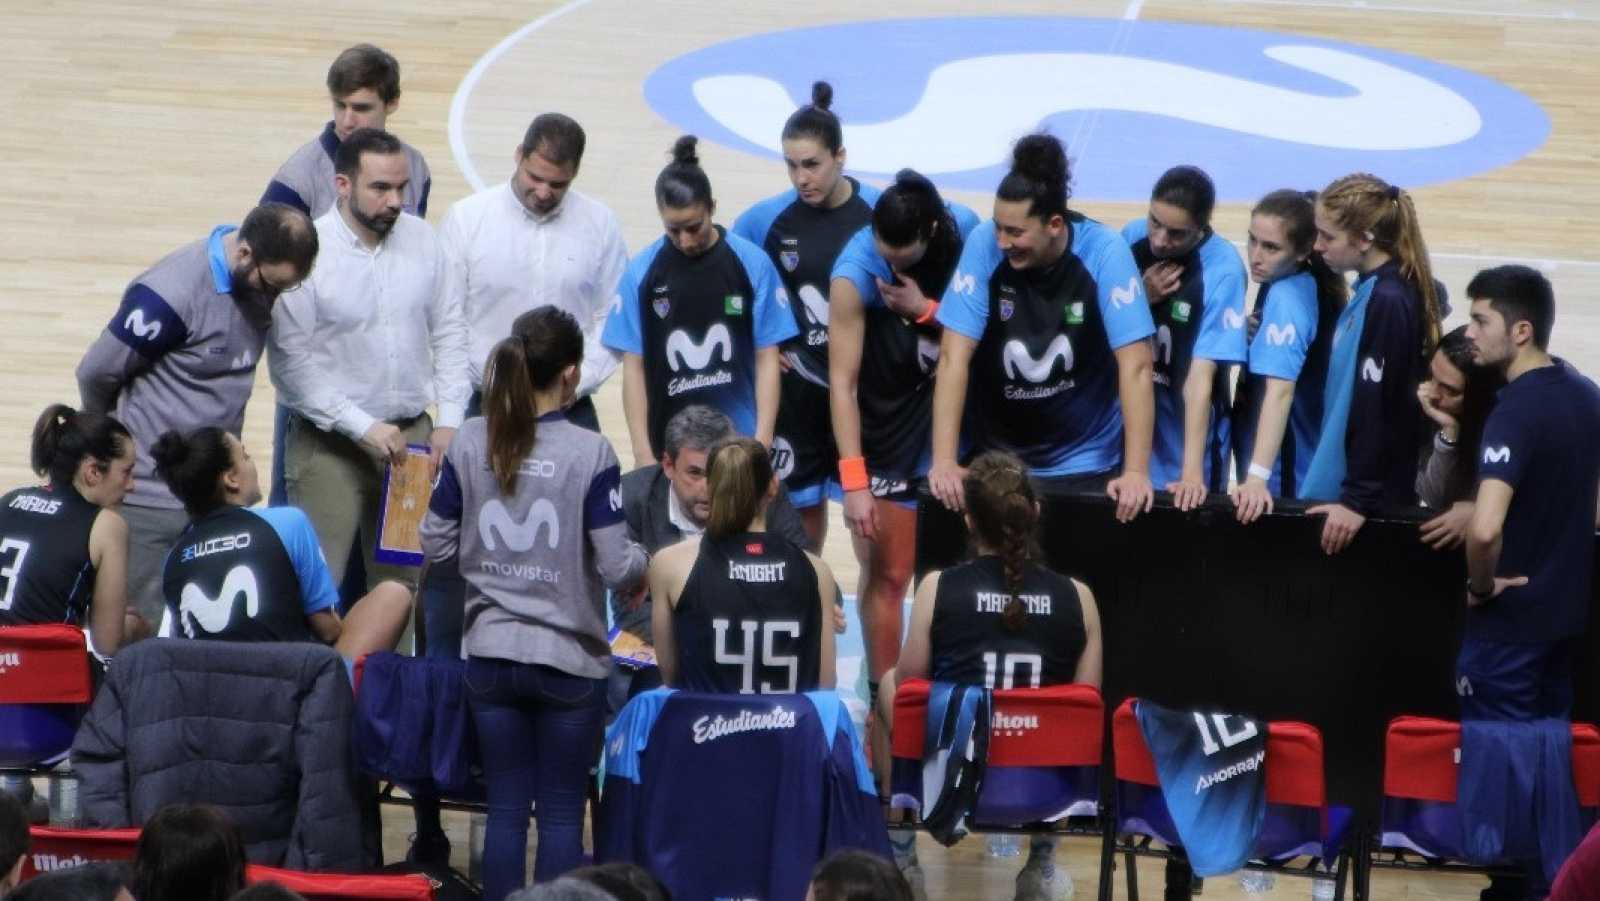 El ascenso de Estudiantes y Snatt's Femení Sant Adrià, analizado por sus presidentes